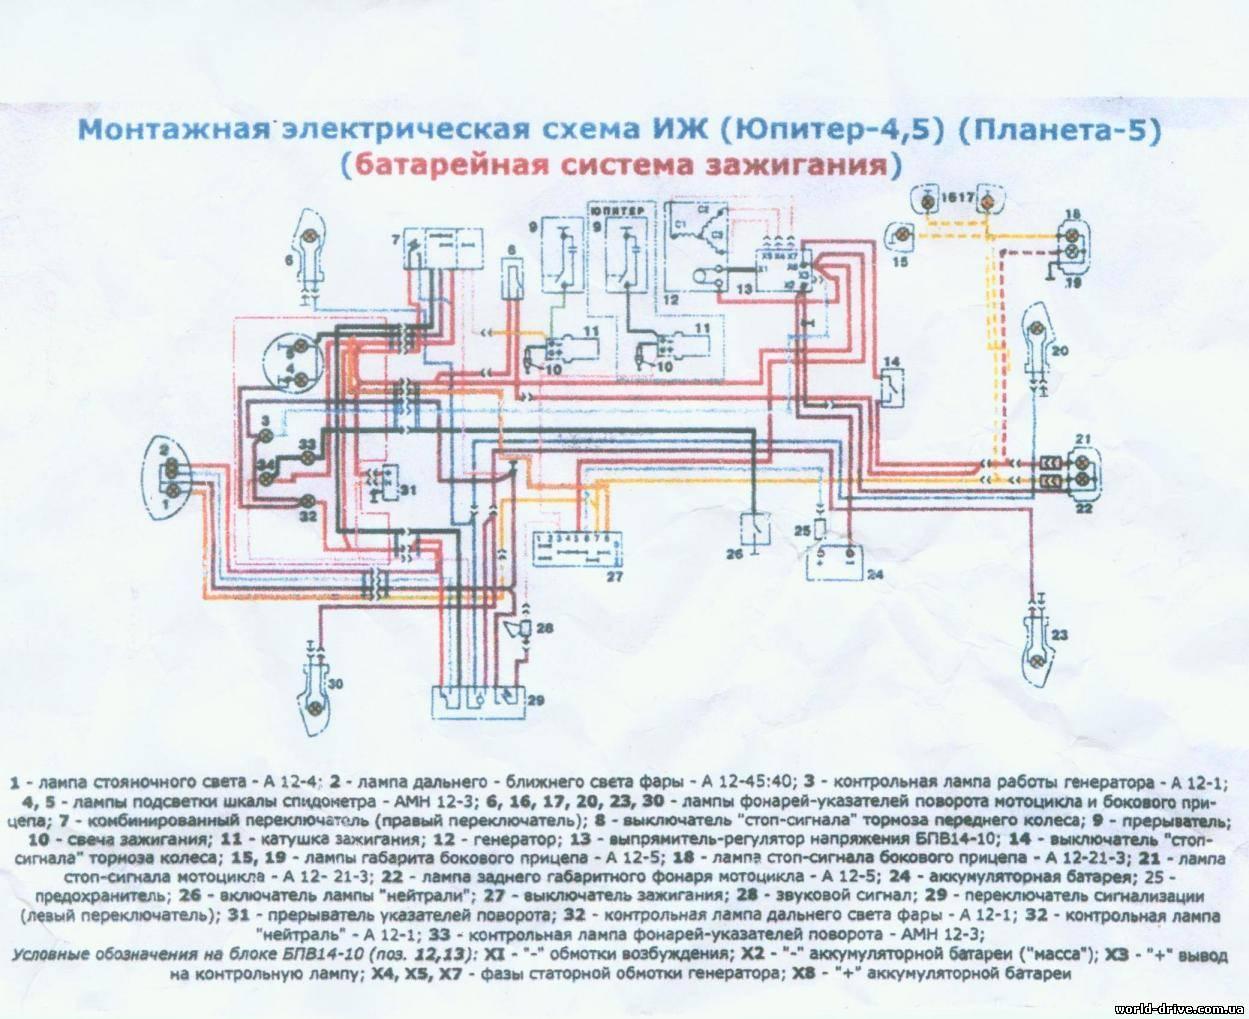 Иж юпитер 4 схема проводки 195